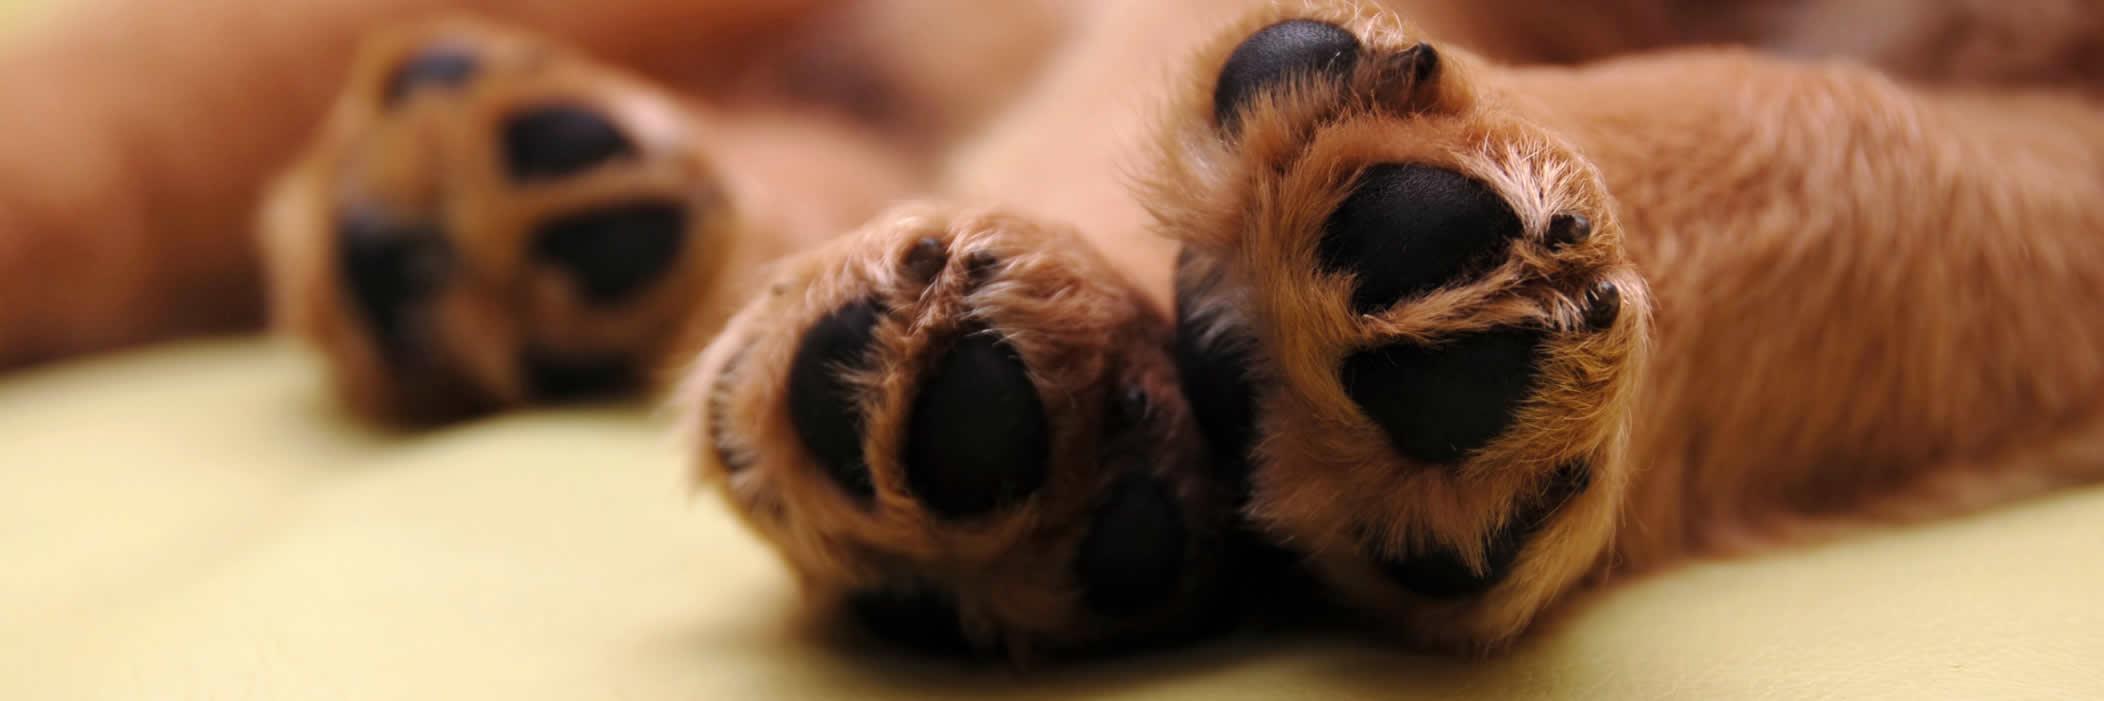 Pallivet collapsed dog